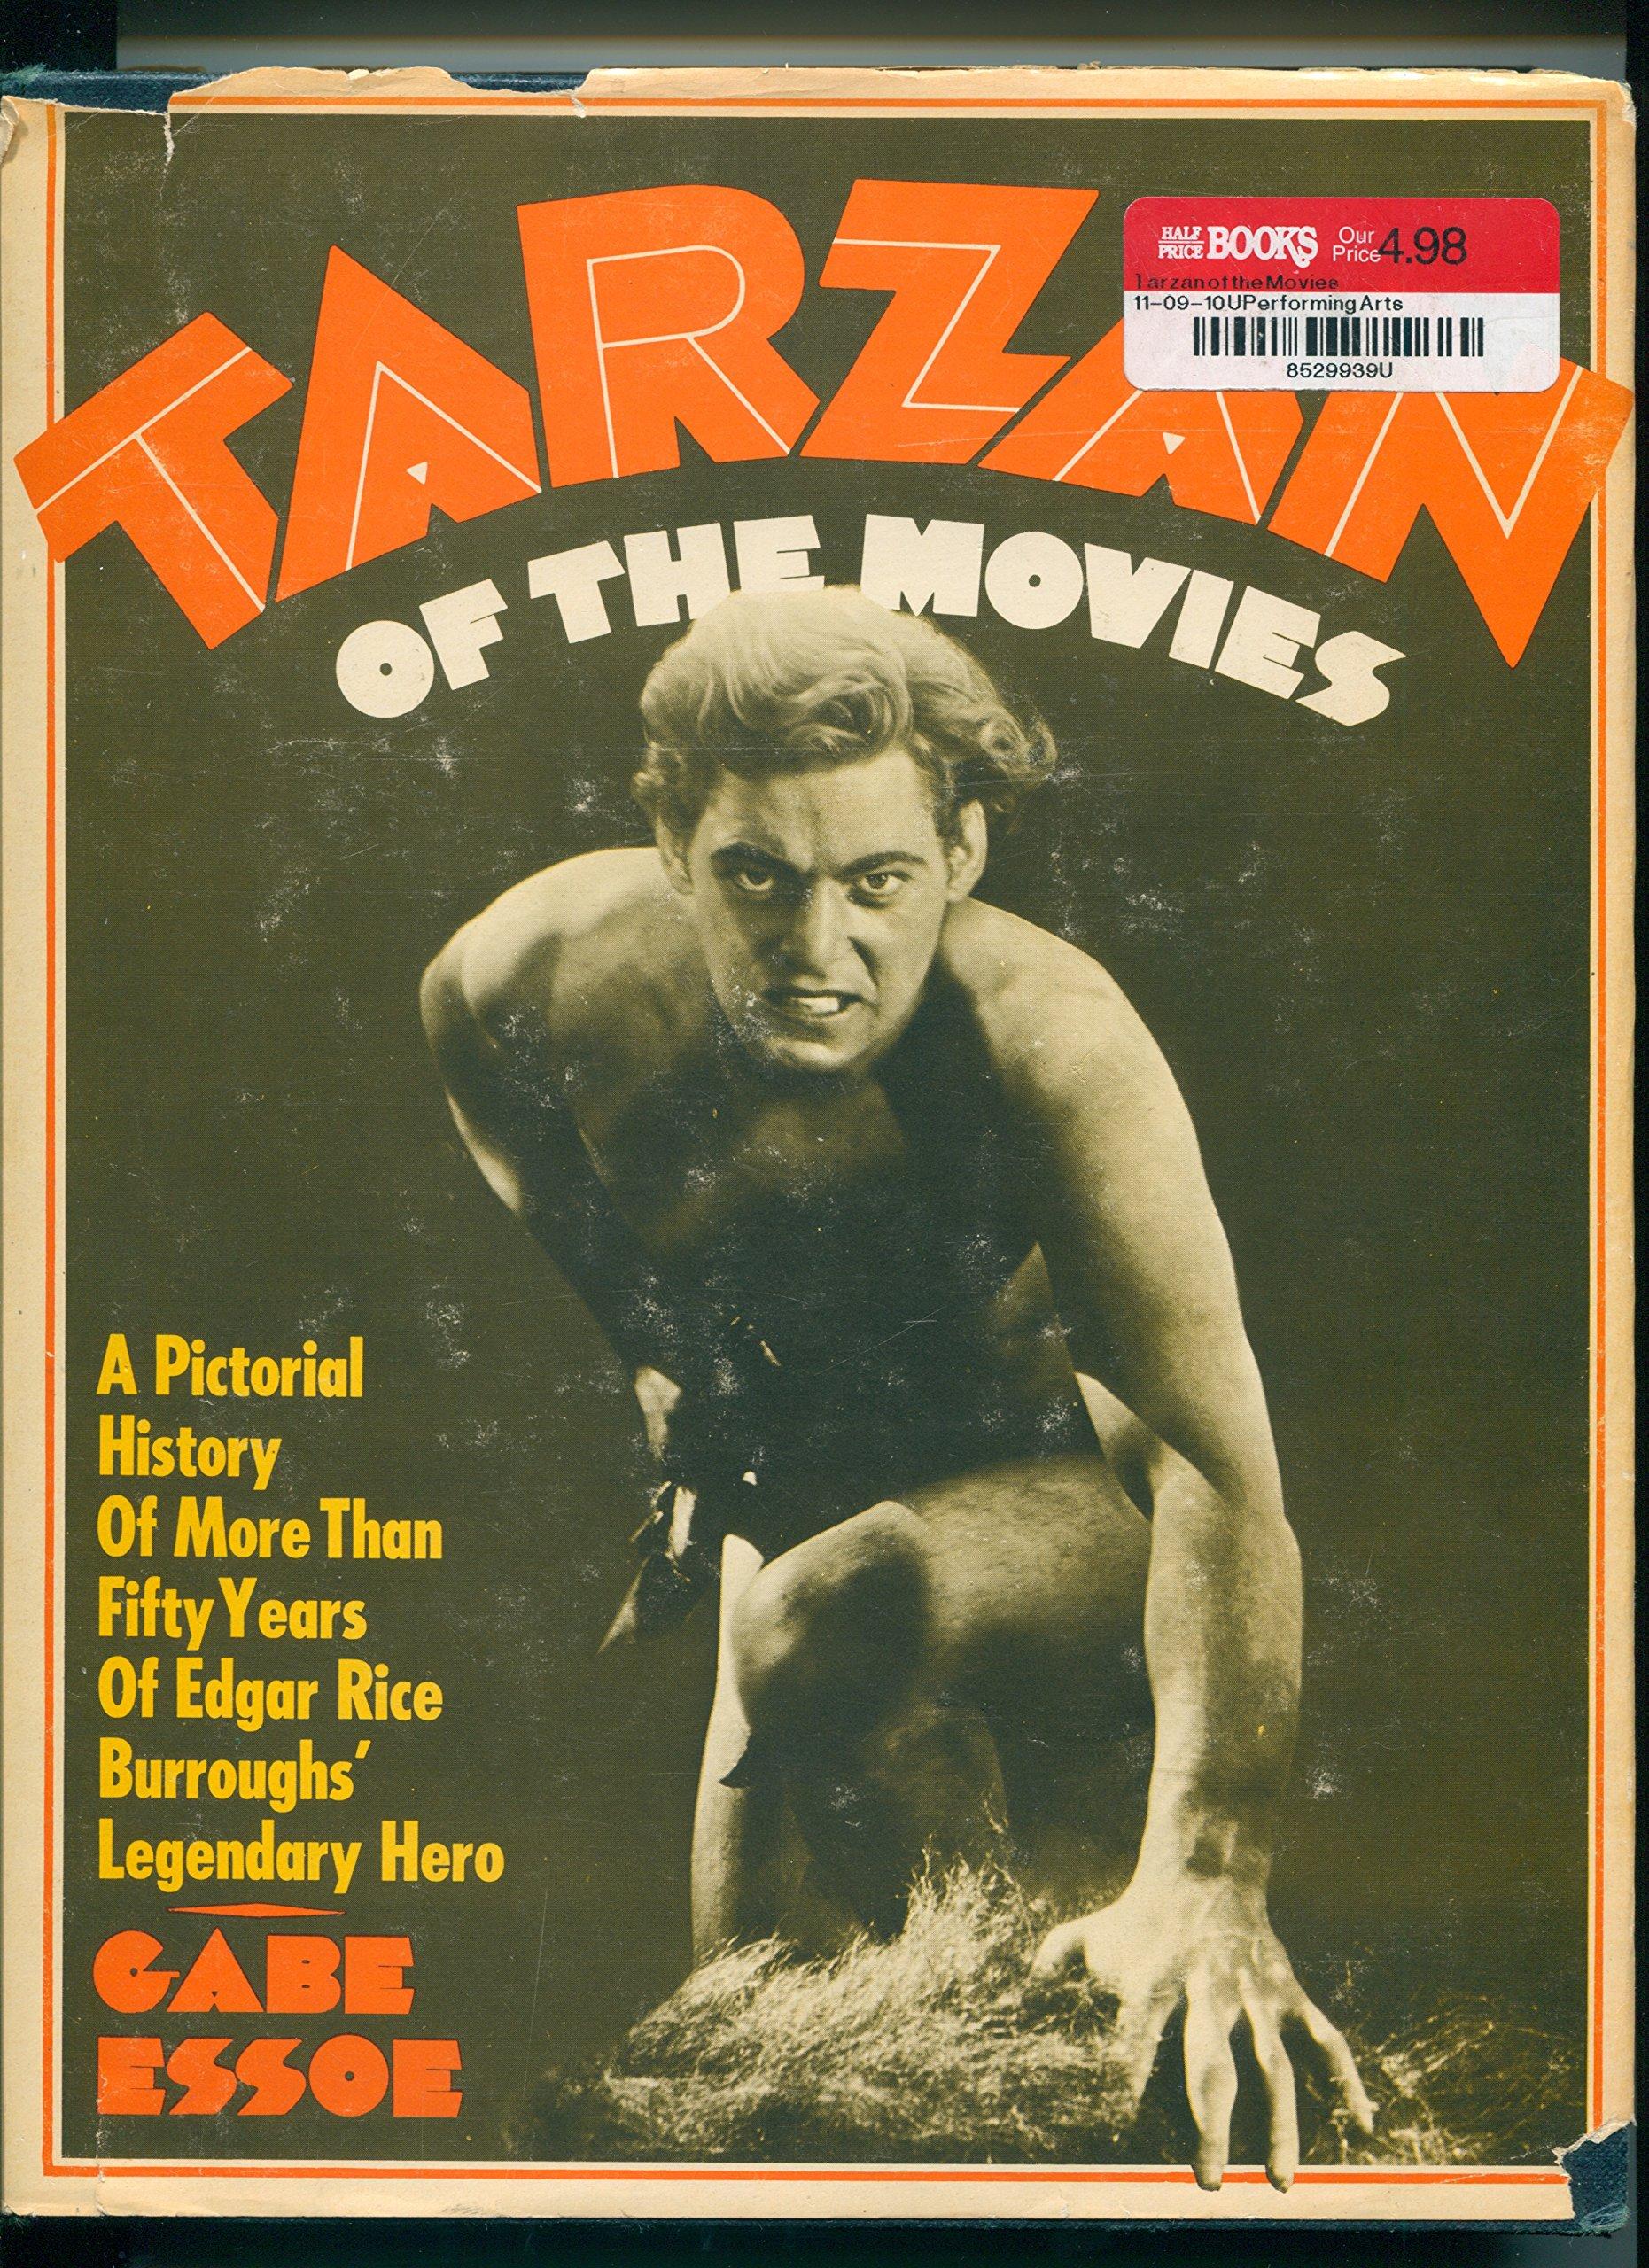 Tarzan of The Apes Movie Tarzan of The Movies a